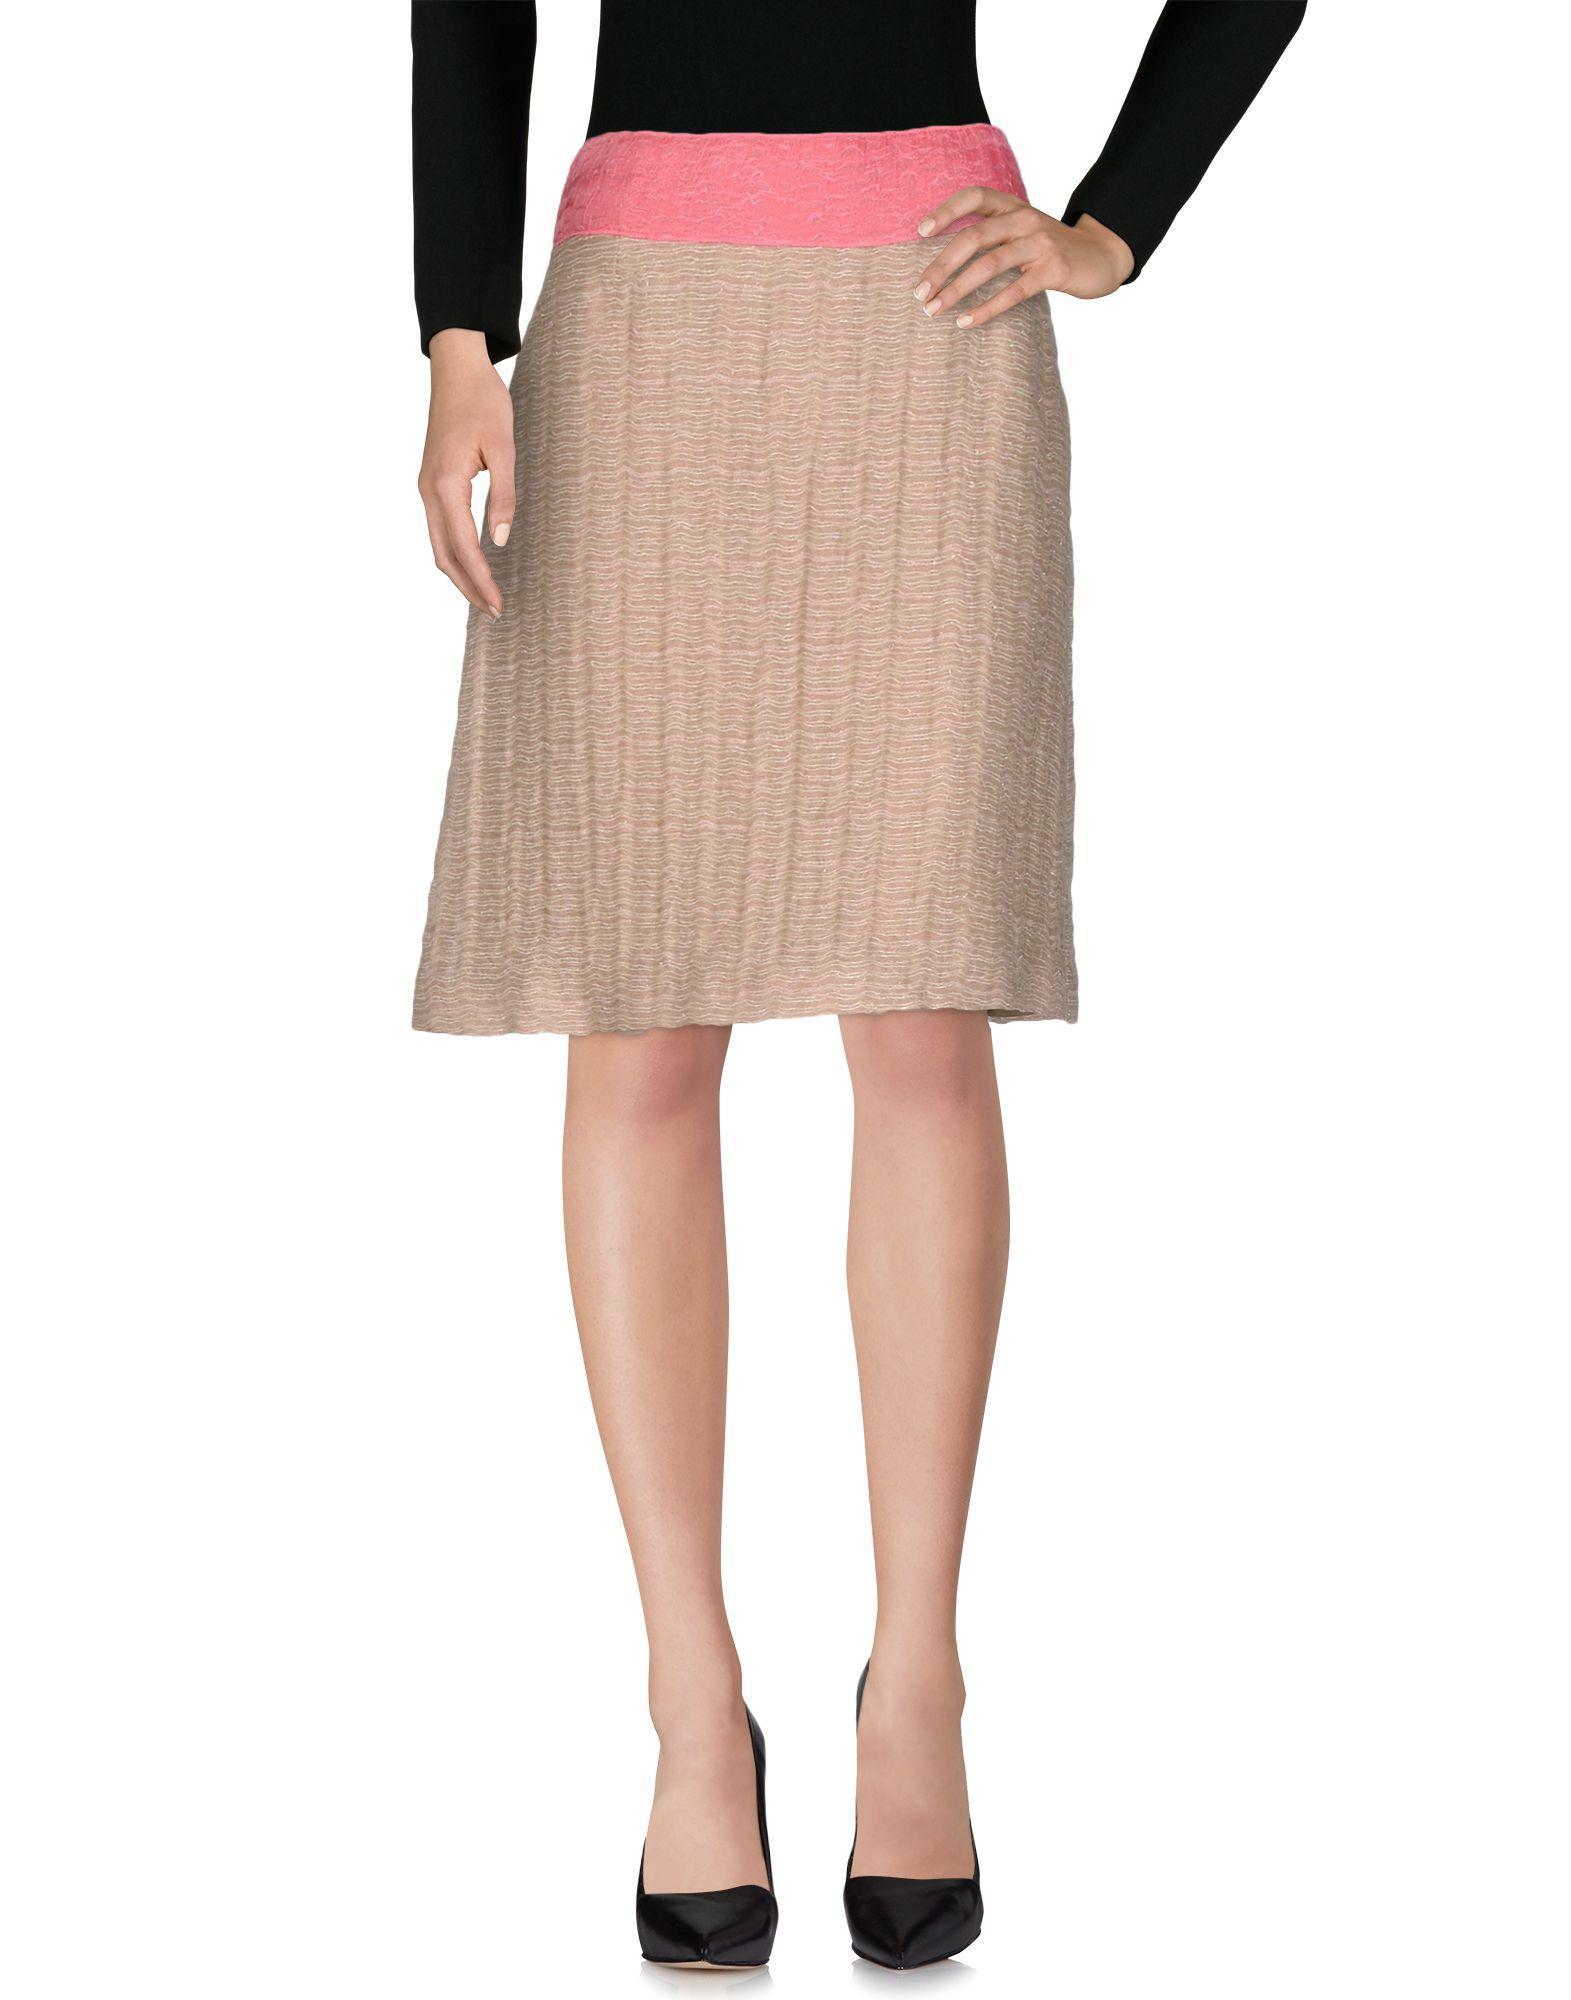 Miu Miu Knee Length Skirt In Pale Pink